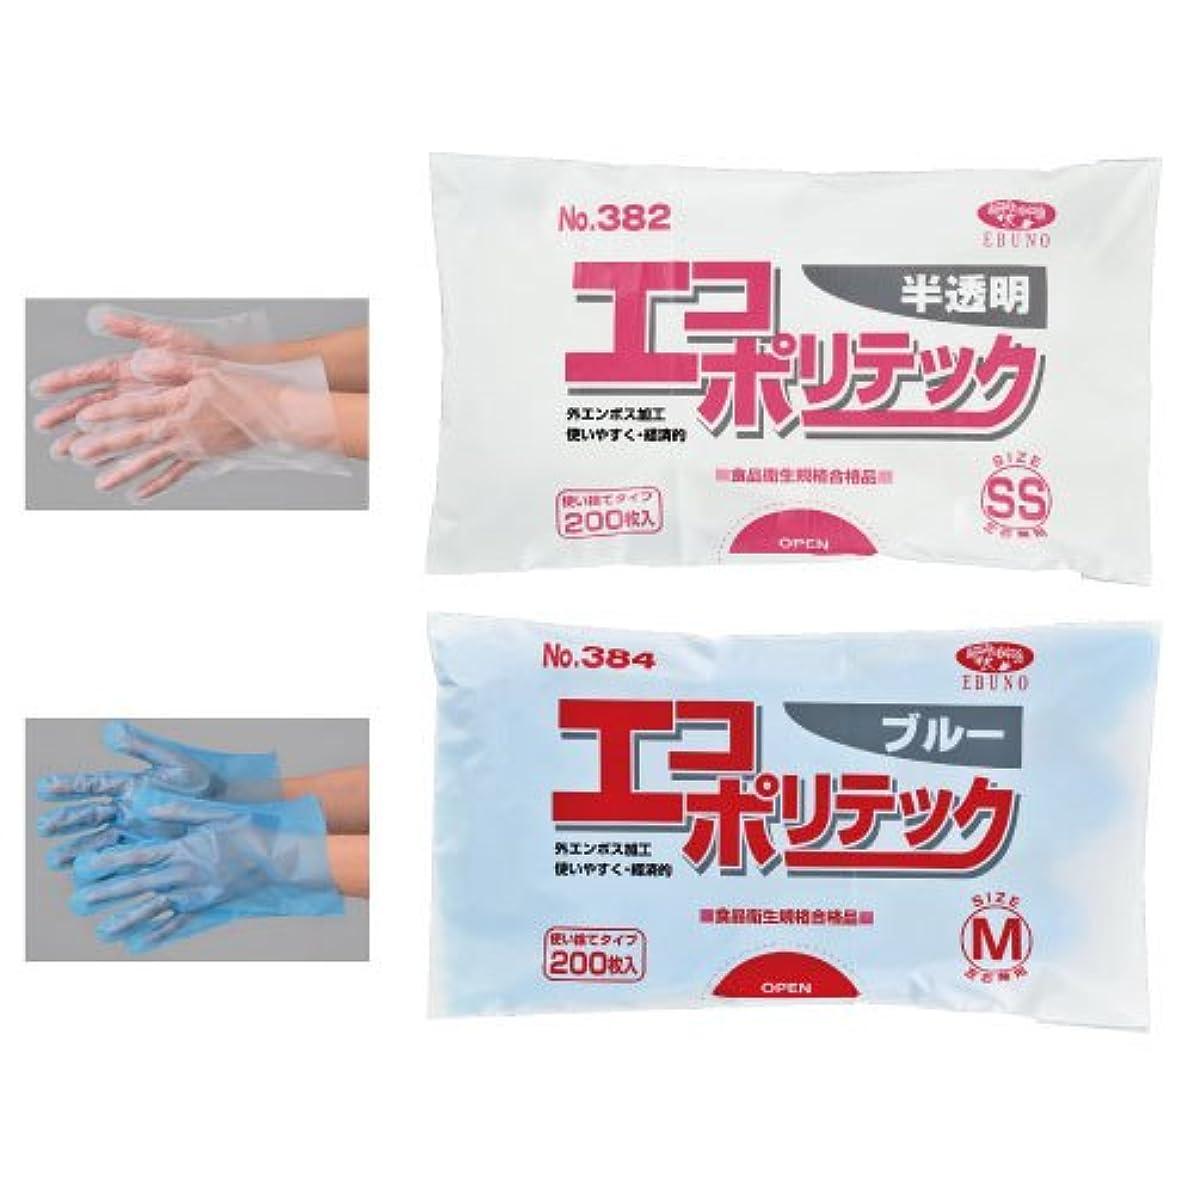 追い出すブランド名いまエブノ ポリエチレン手袋 No.382 M 半透明 (200枚×30袋) エコポリテック 袋入